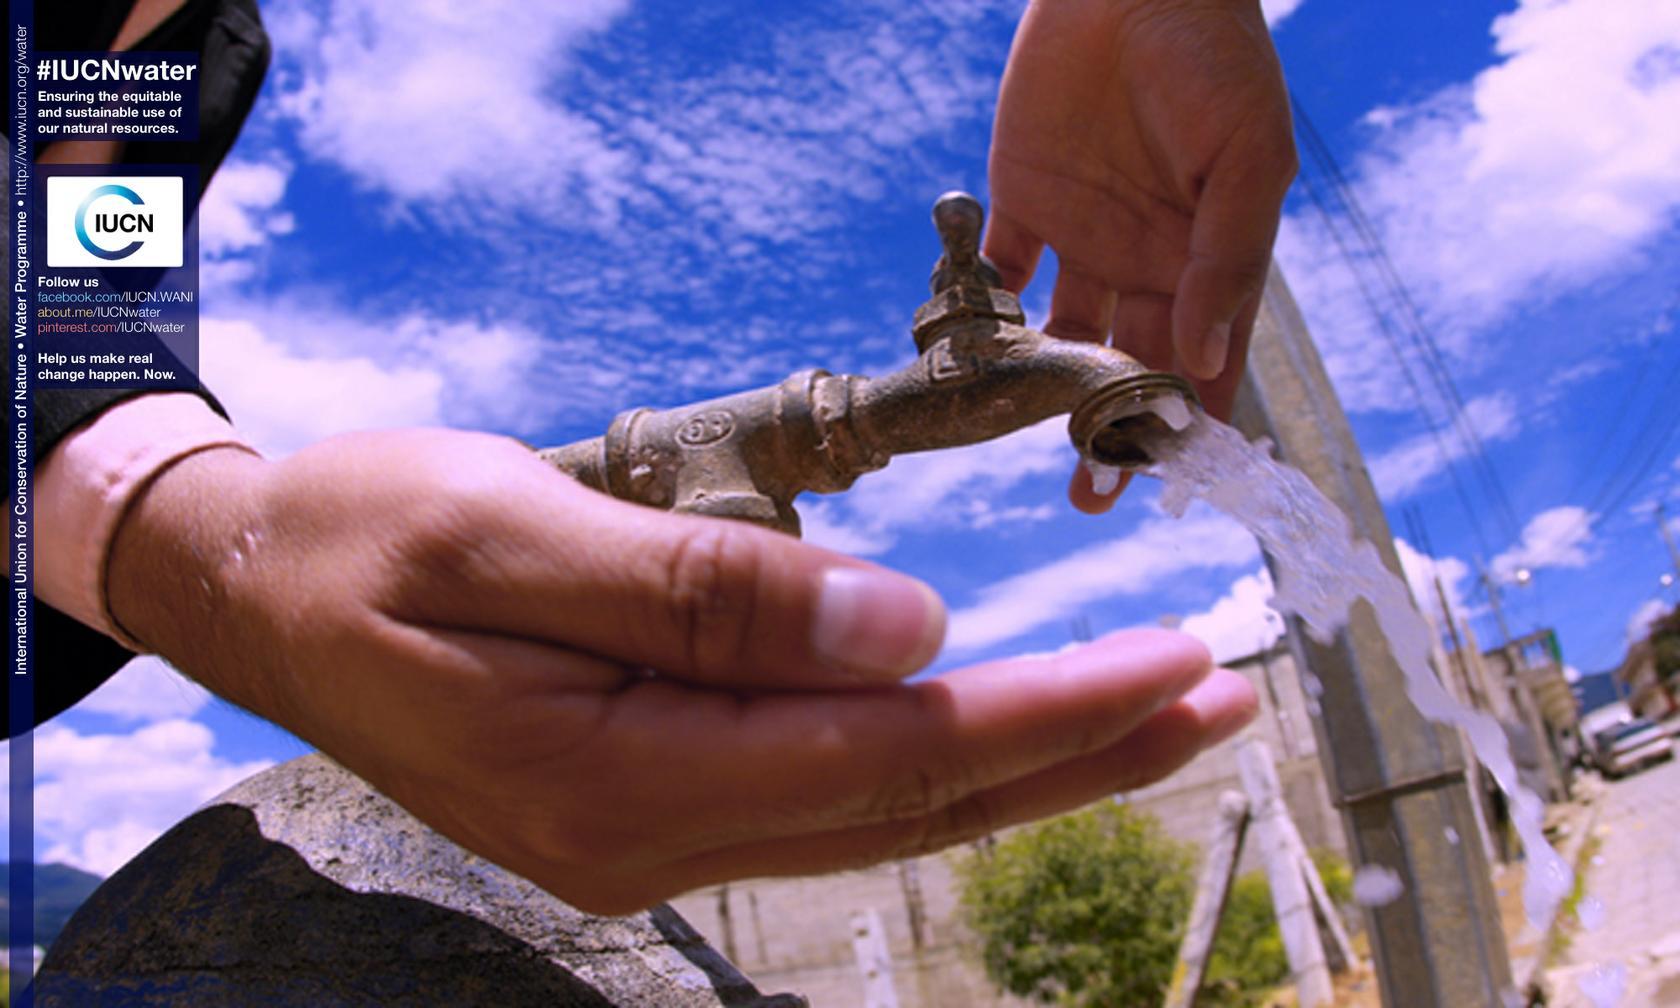 IUCN WATER